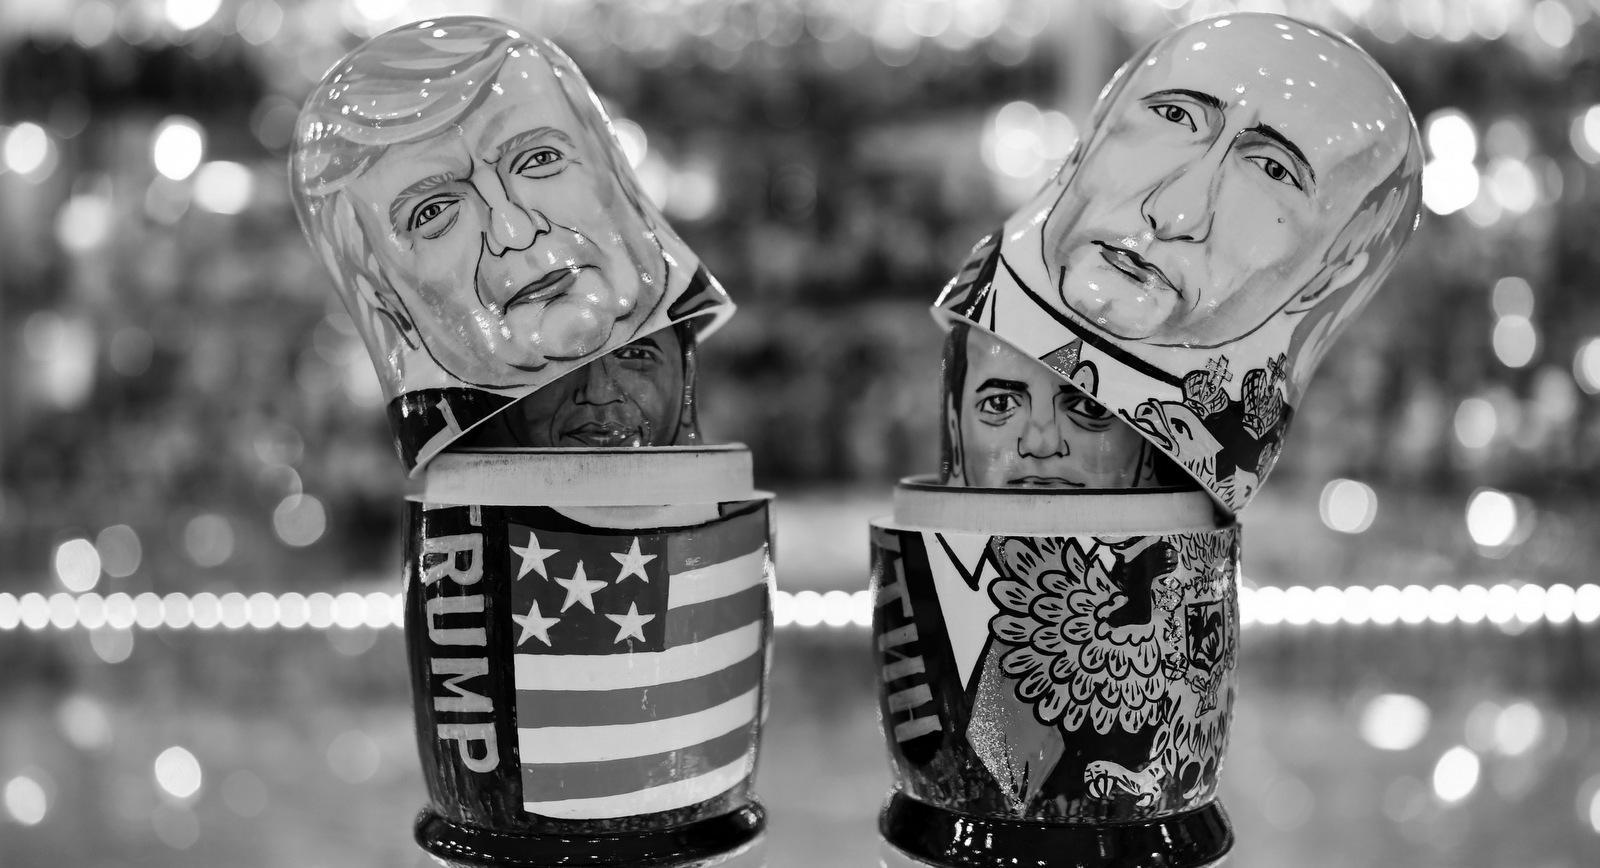 Россия и США находятся в состоянии гибридной войны. Это всерьез и надолго